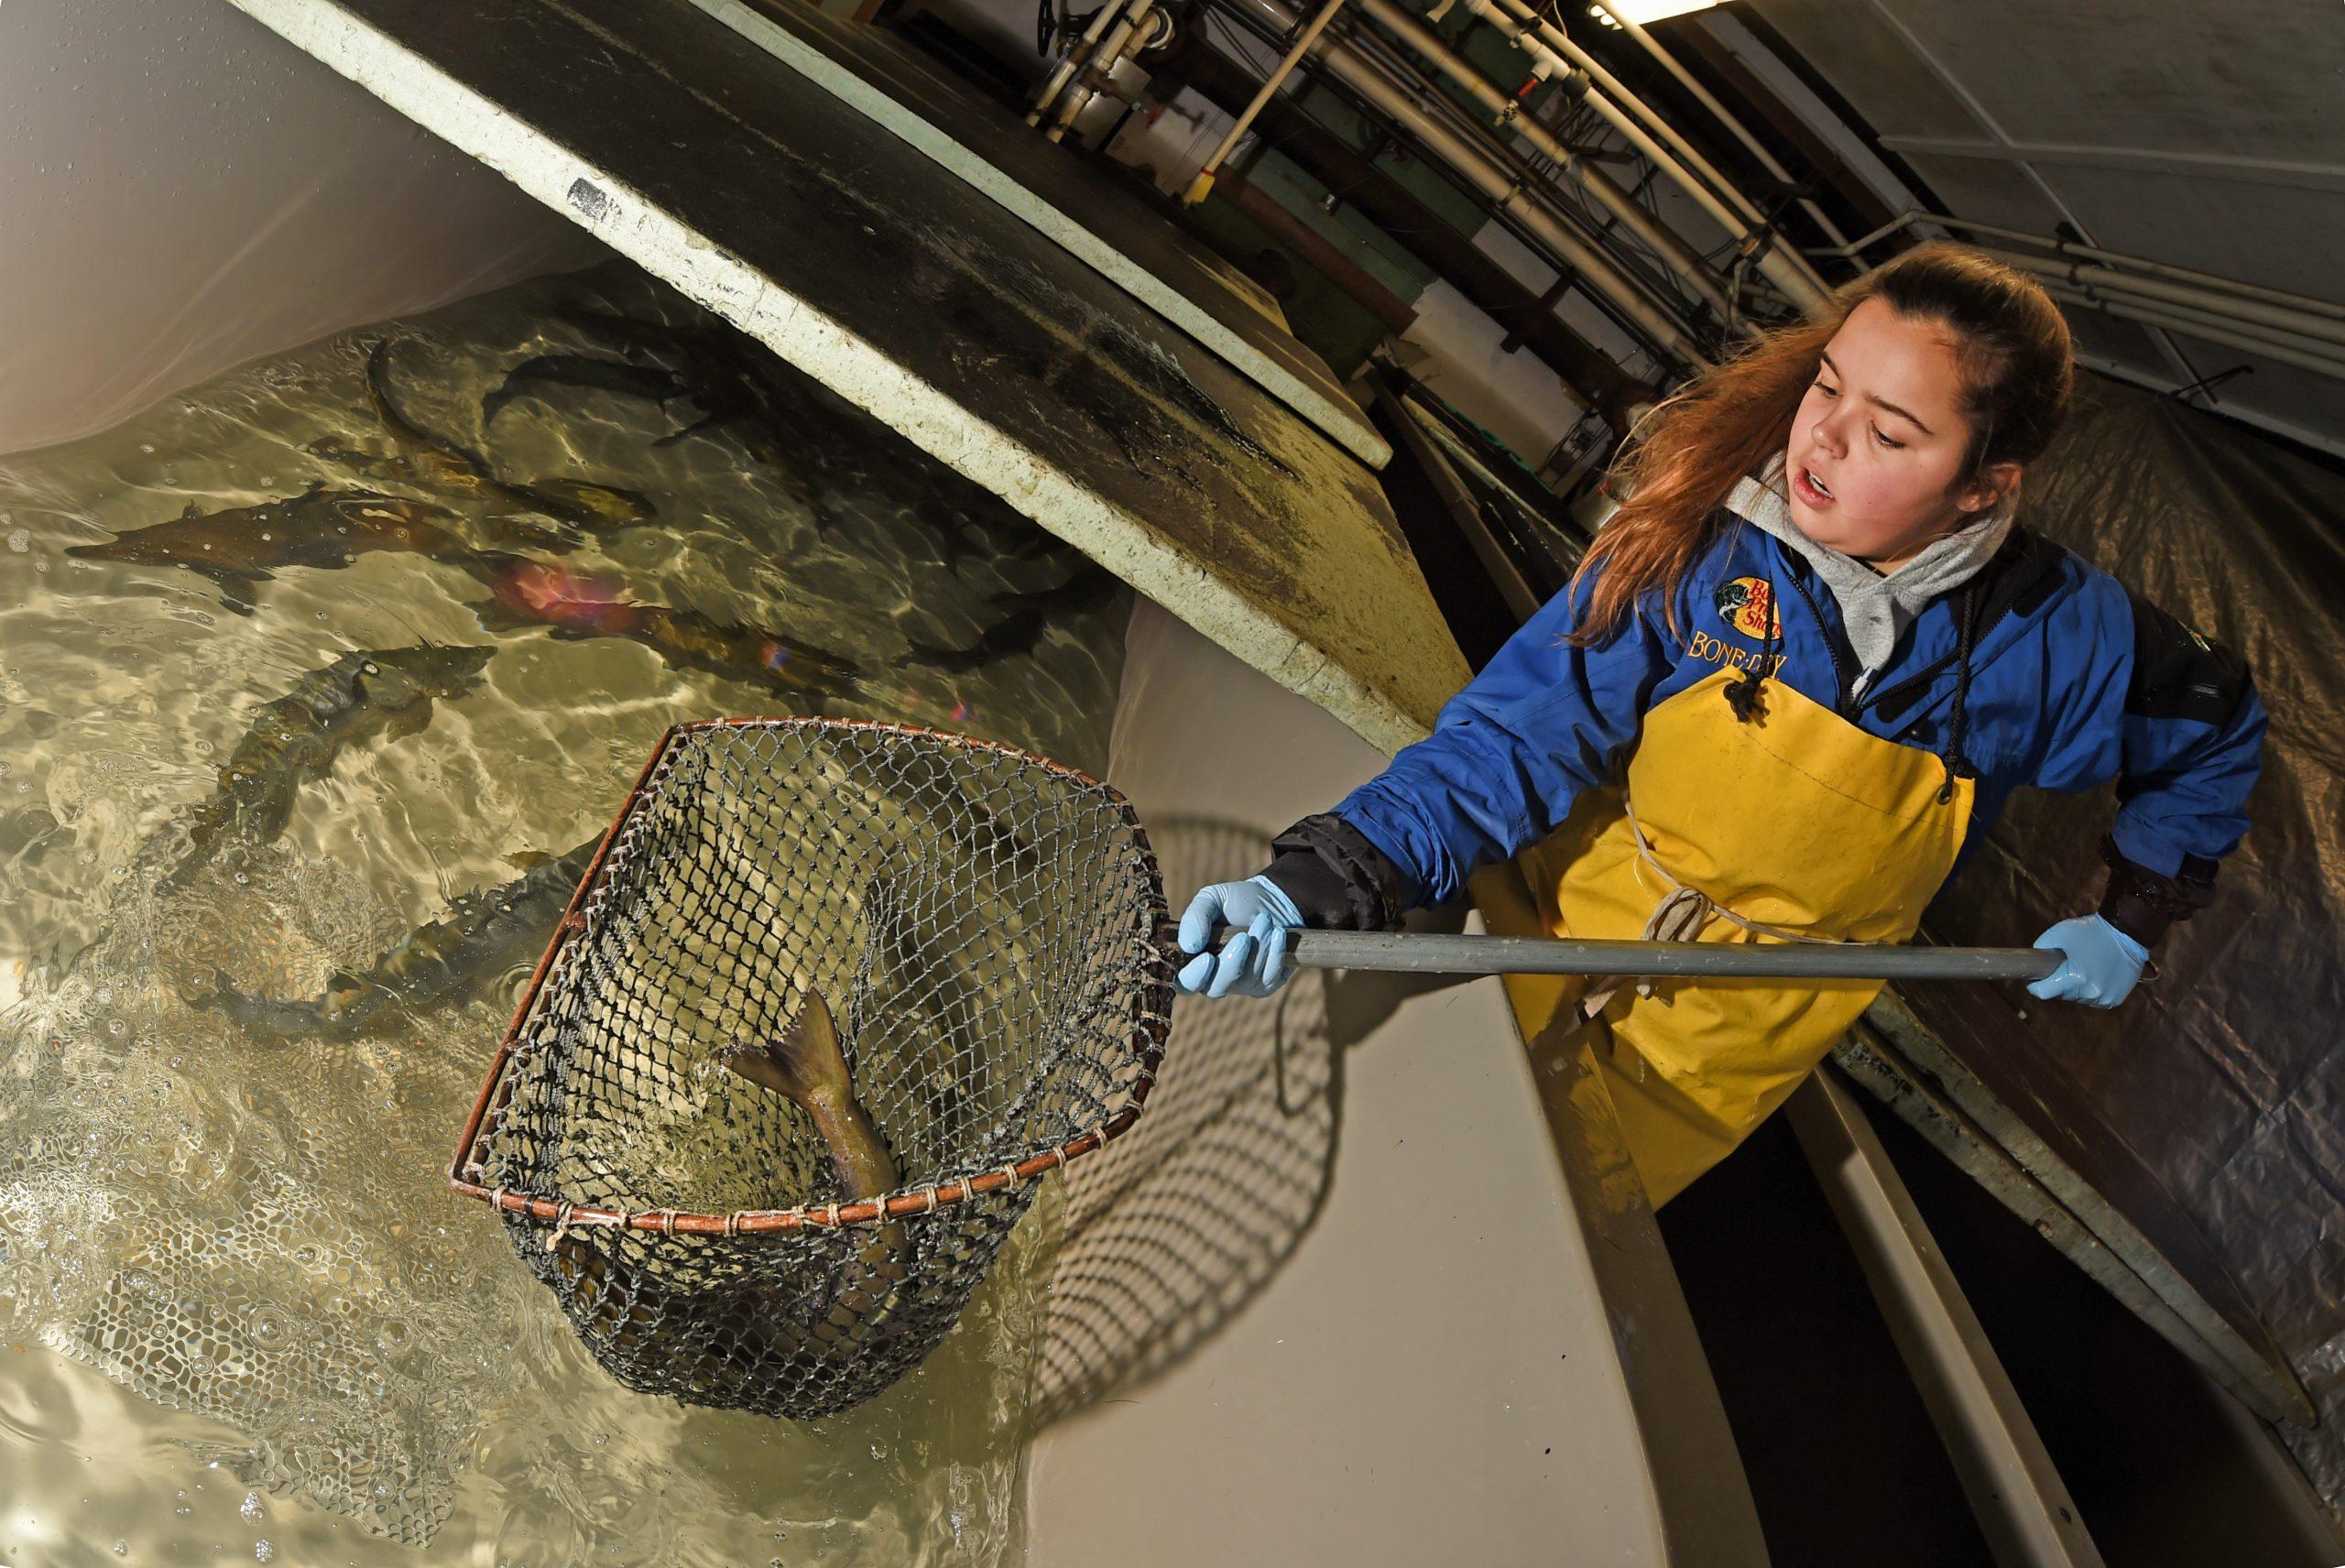 LSSU Student Gathers Salmon At Fish Hatchery